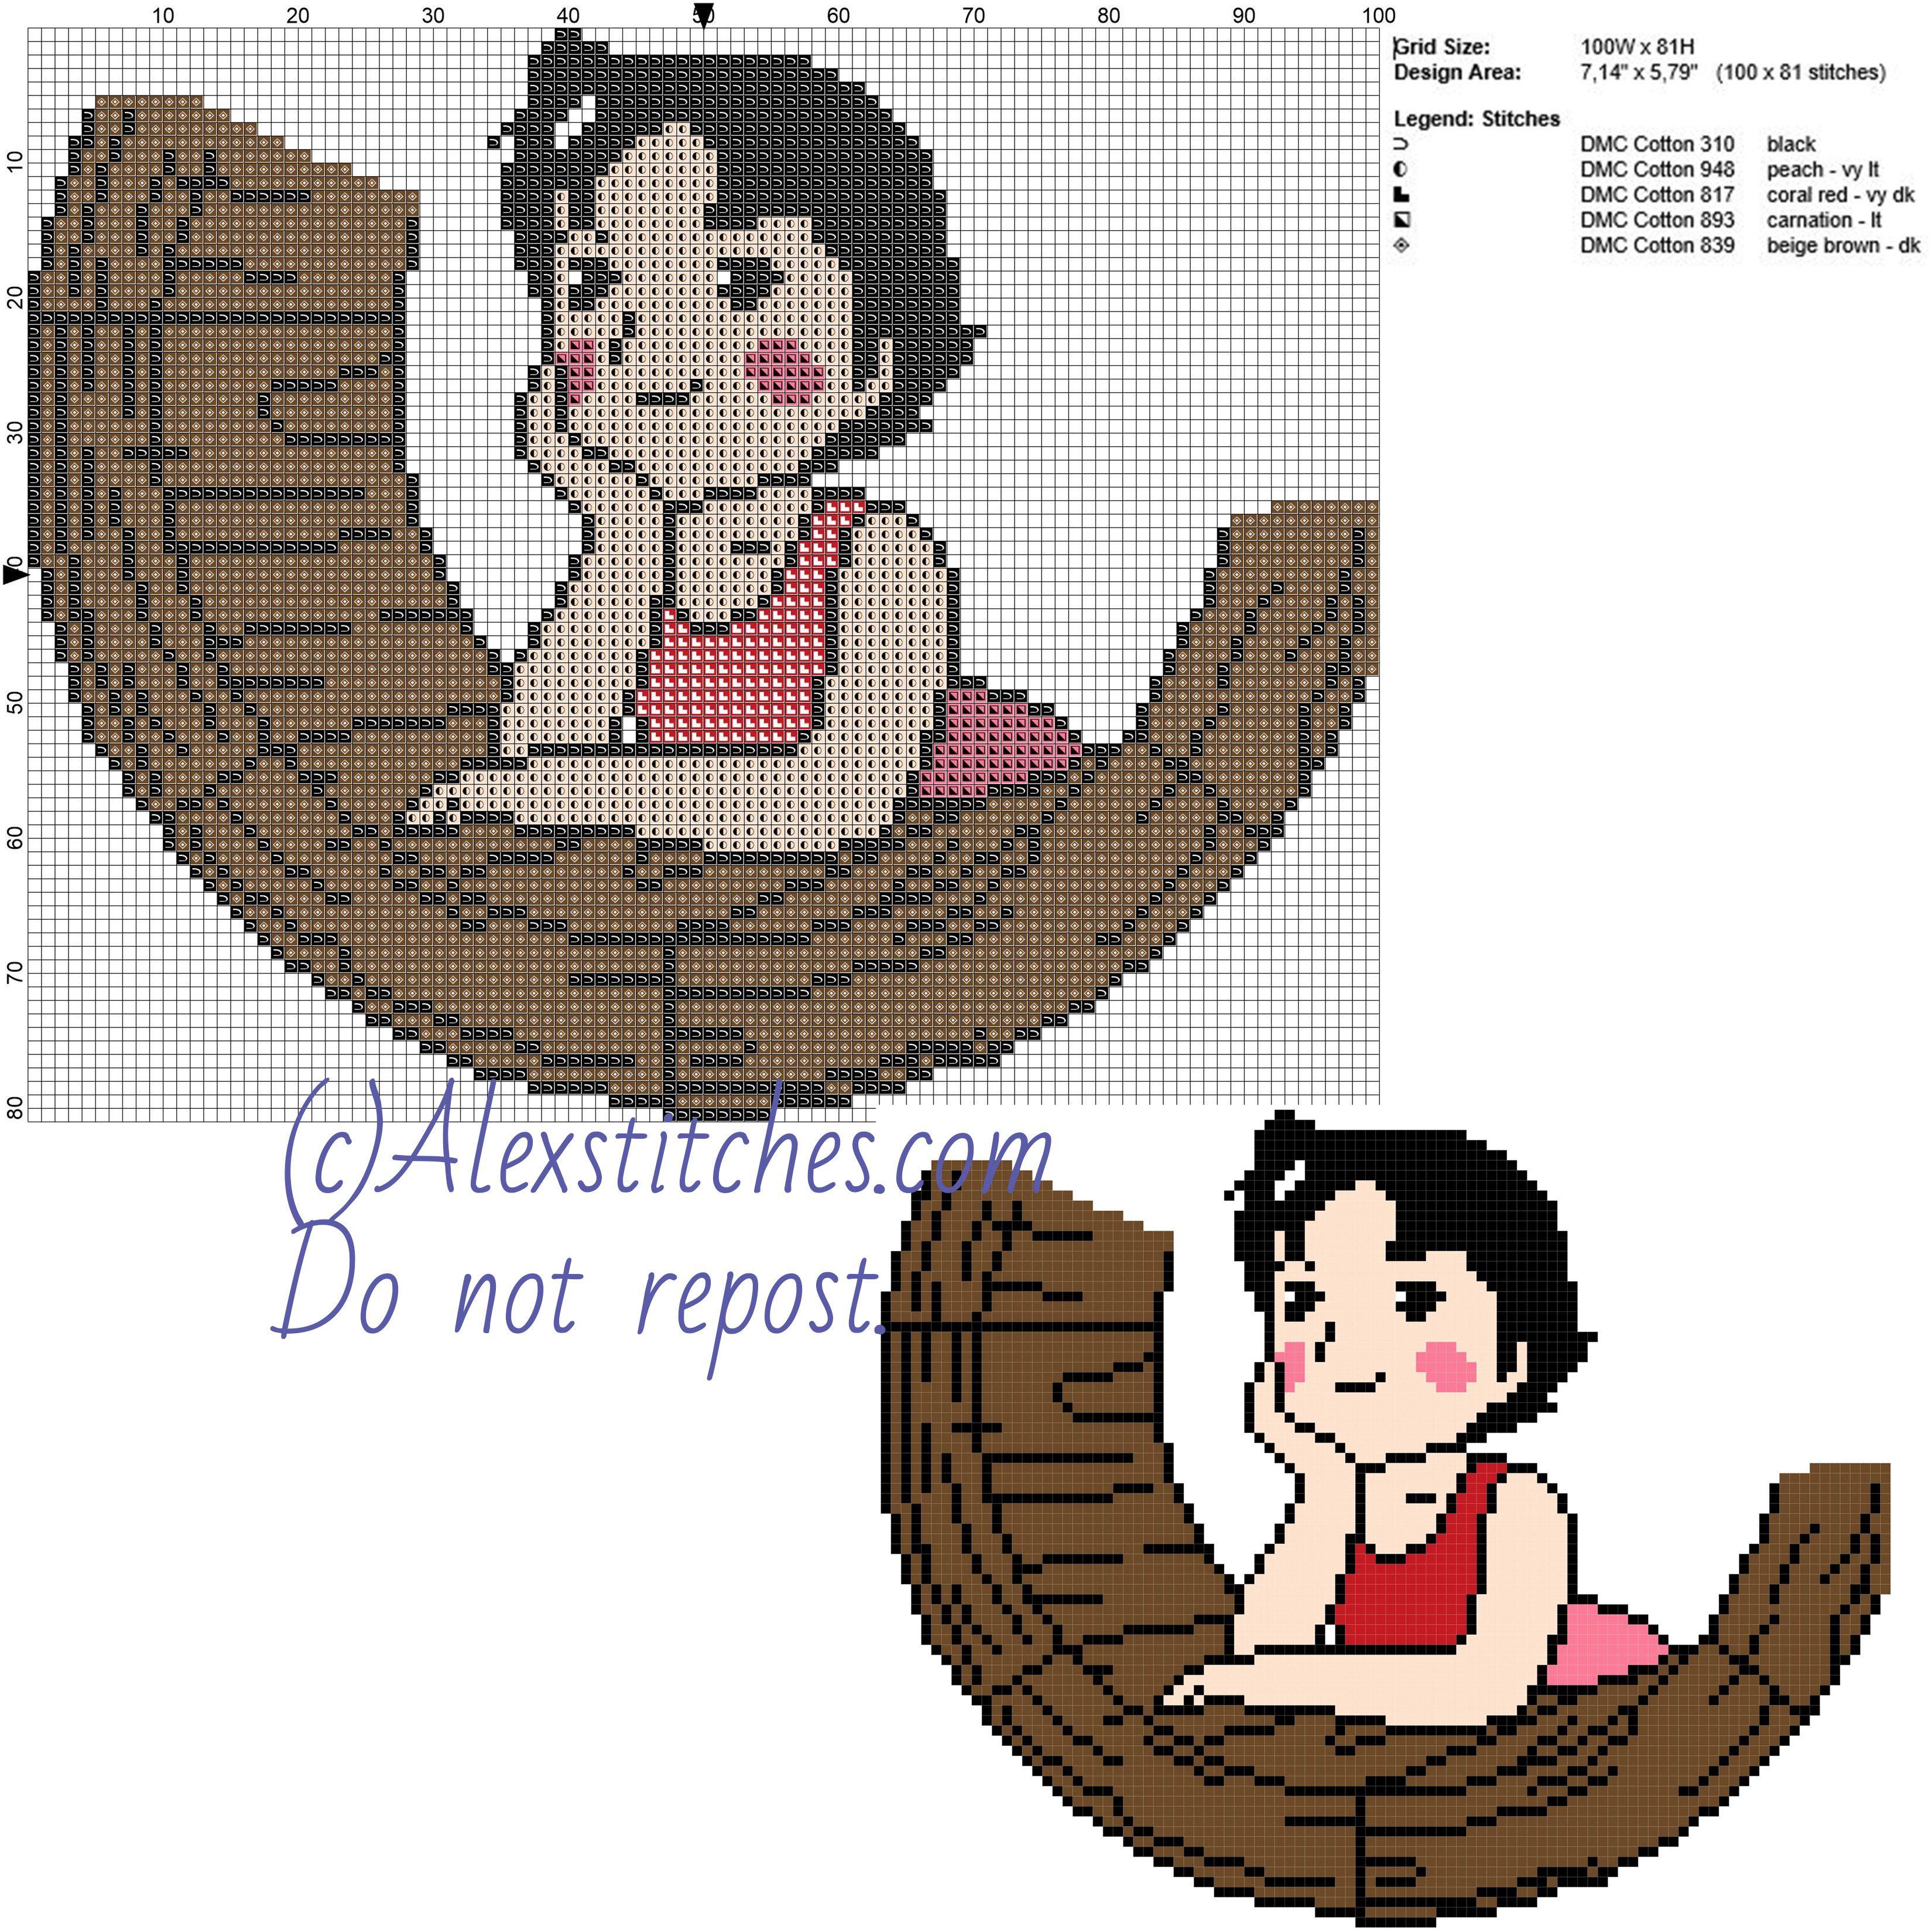 Heidi cartoons free cross stitch pattern 100x81 5 colors